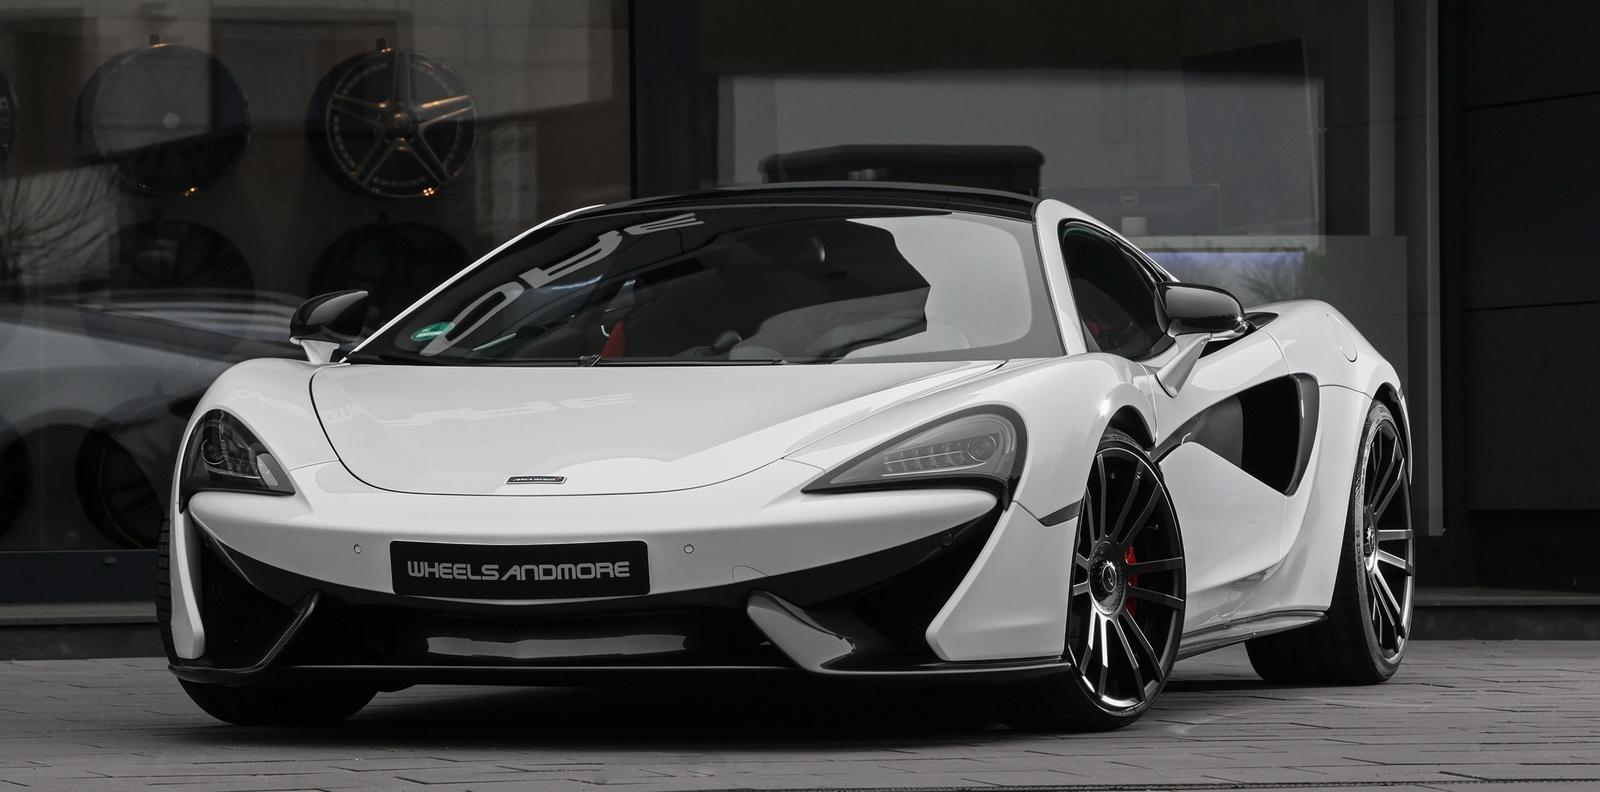 McLaren_570GT_wheelsandmore_01